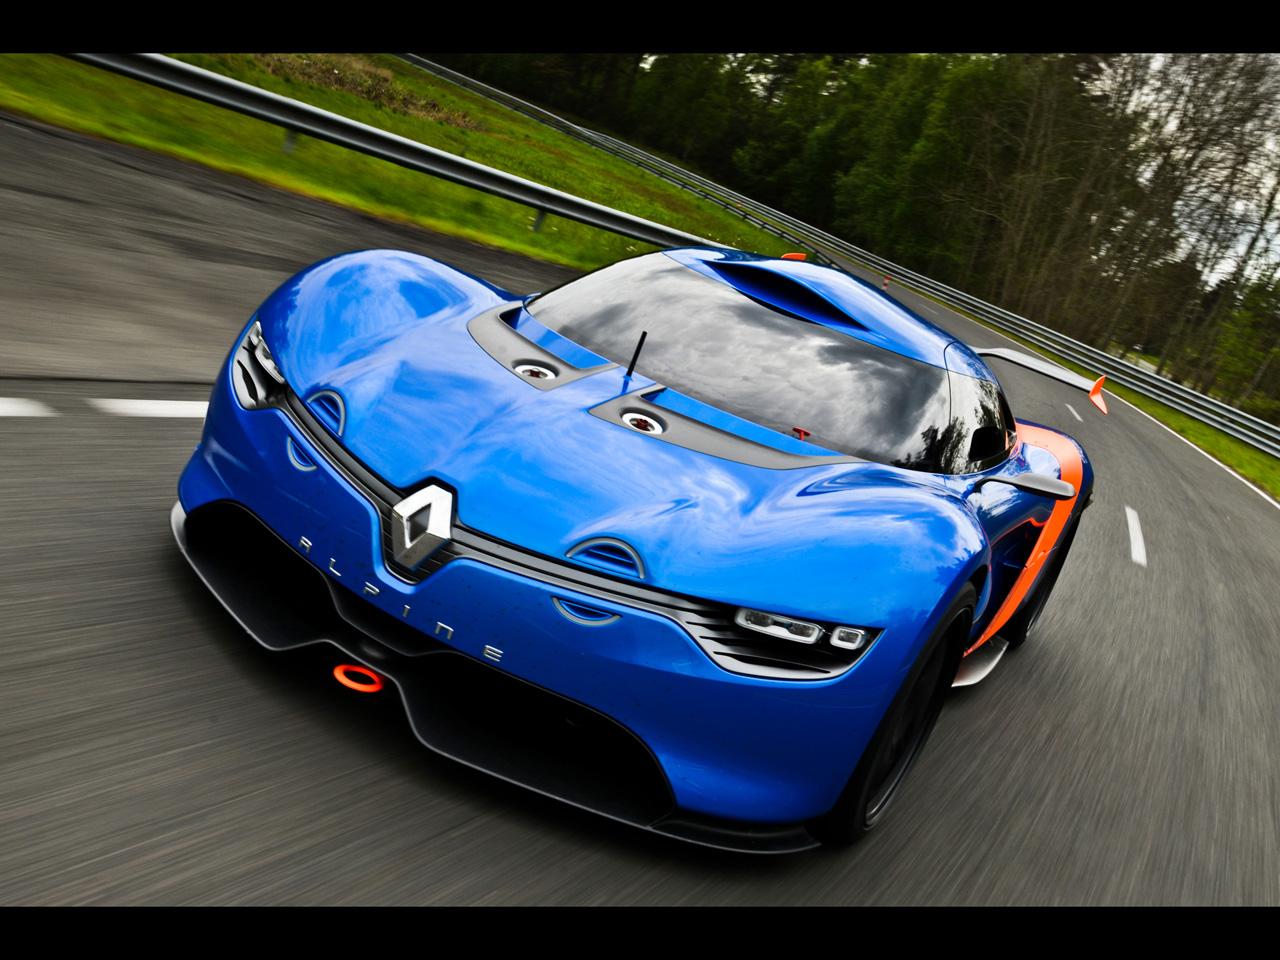 2012 Renault Alpine A110 50 Concept Motion 8 Renault e Caterham vão desenvolver versão de produção do A110 50